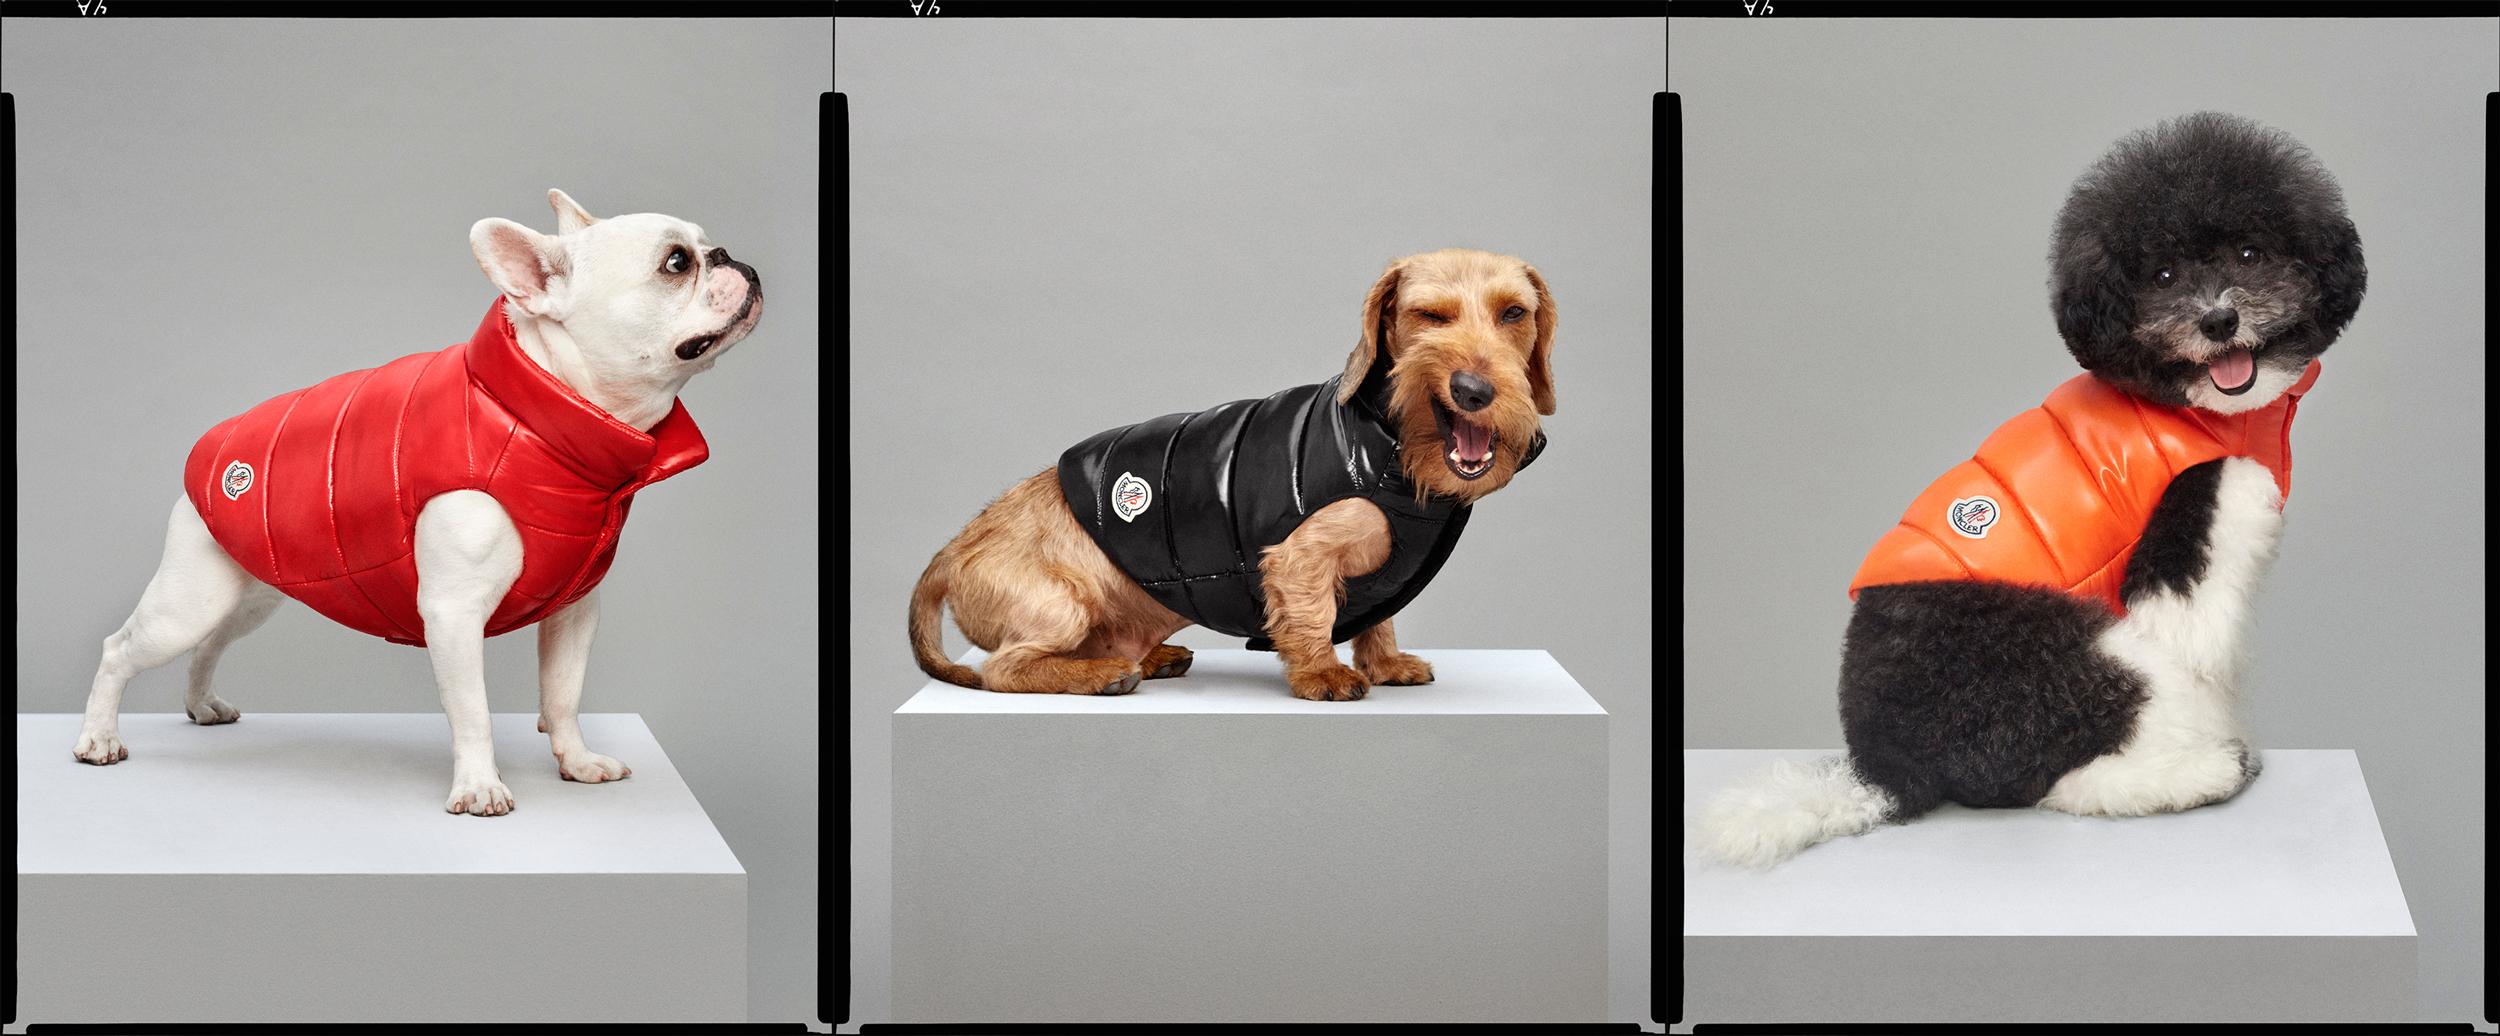 moncler poldo dog couture the cheat sheet